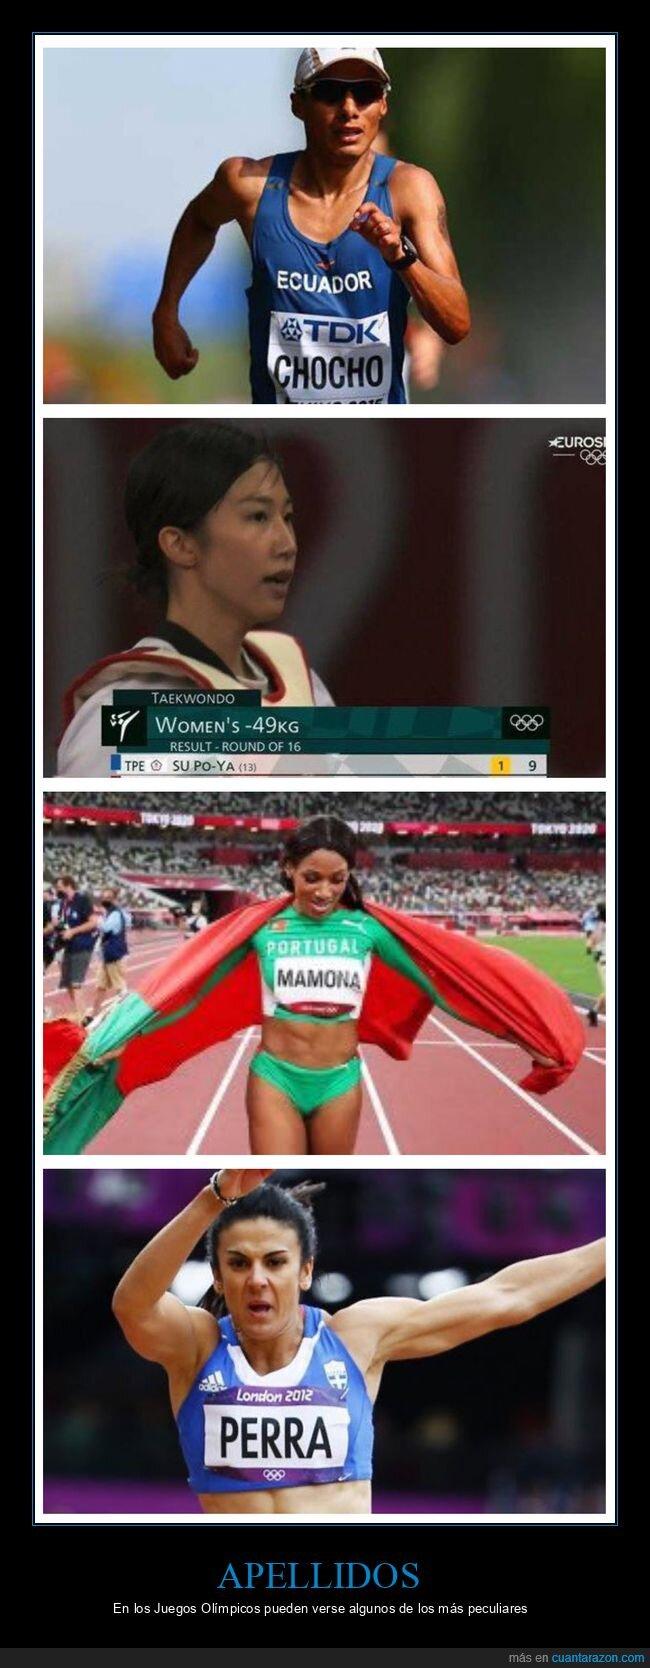 apellidos,juegos olímpicos,nombres